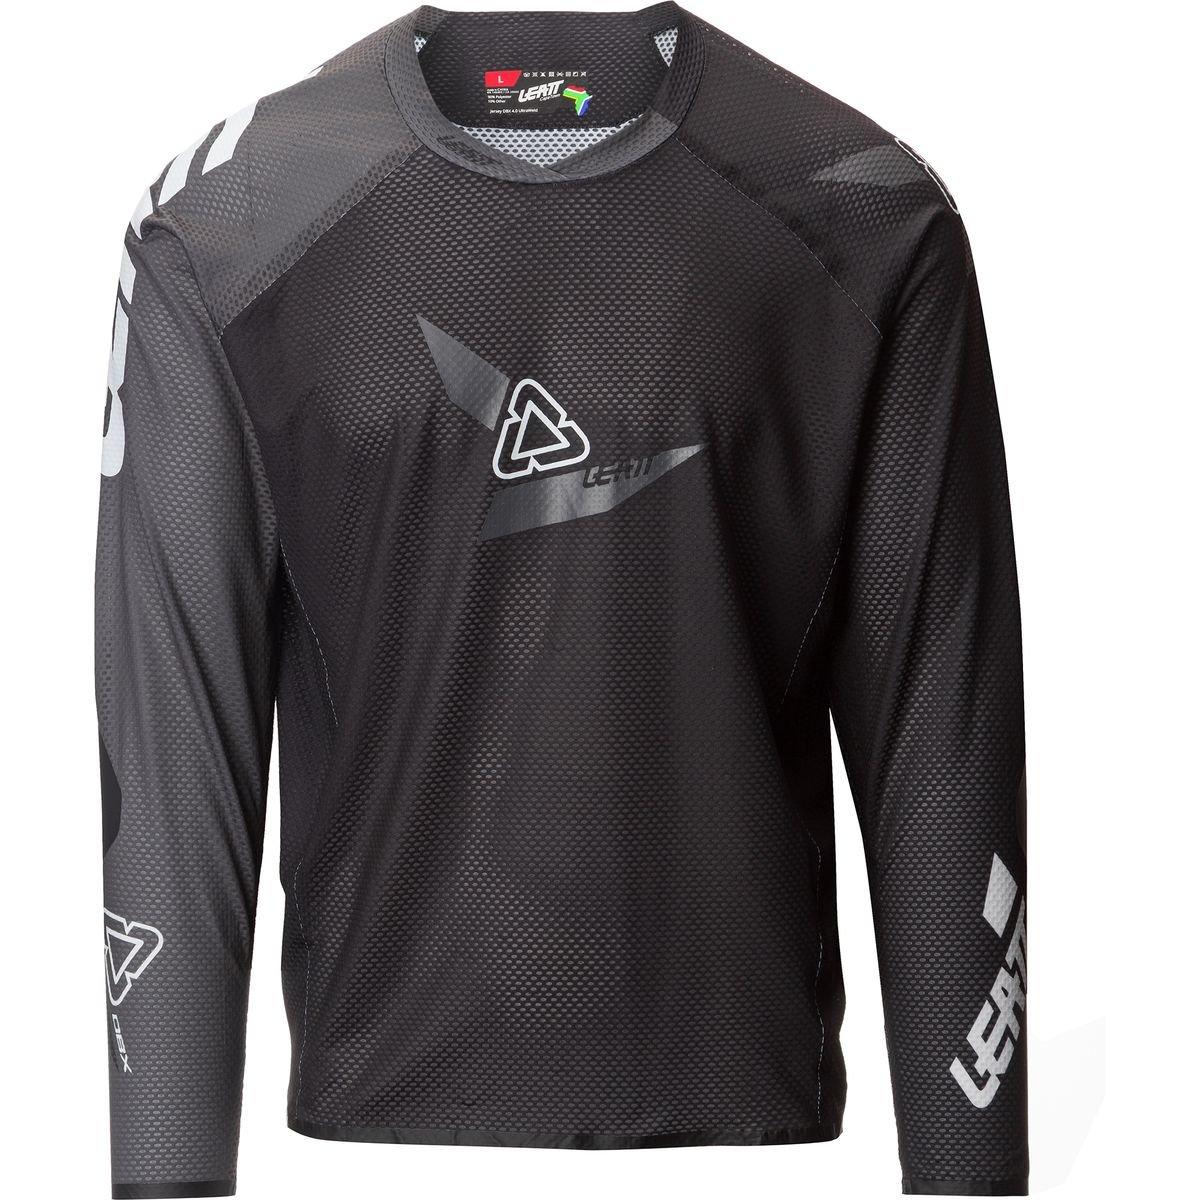 Leatt DBX 4.0 UltraWeld Mens Bike Sports BMX Jersey - Black/Grey/X-Large